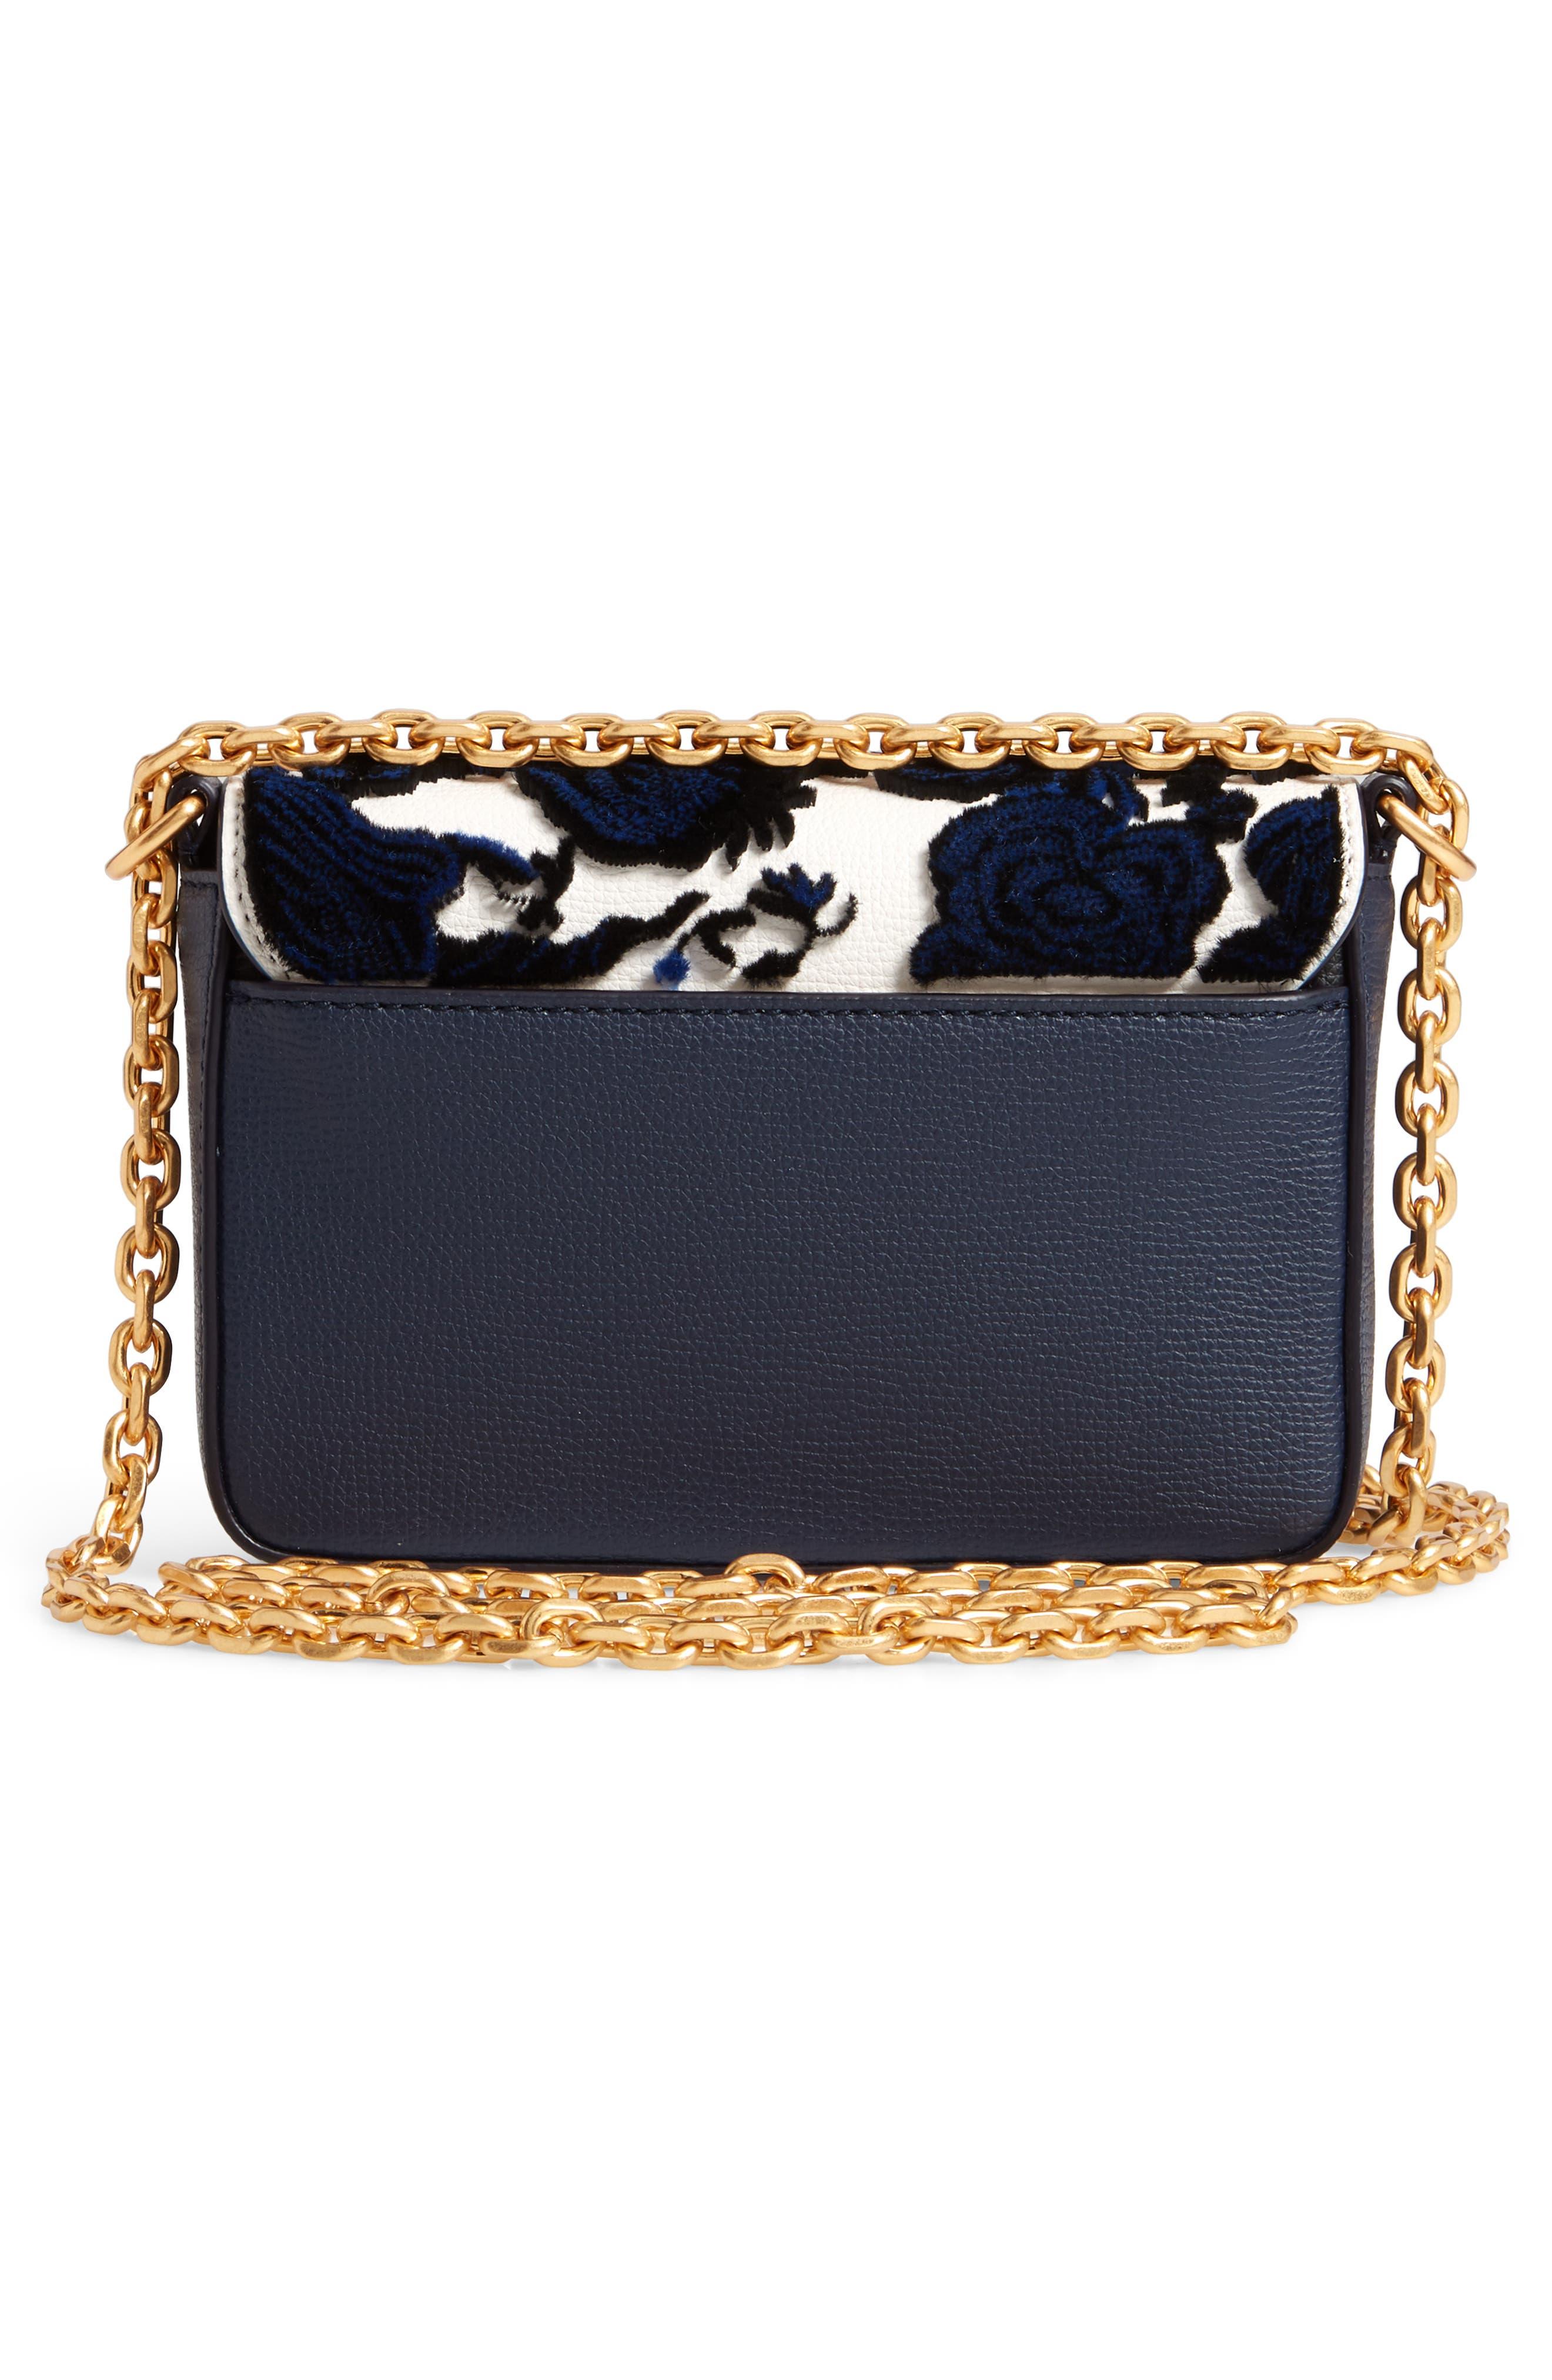 Mini Kira Leather & Fil Coupé Bag,                             Alternate thumbnail 3, color,                             NEUTRAL HAPPY TIMES